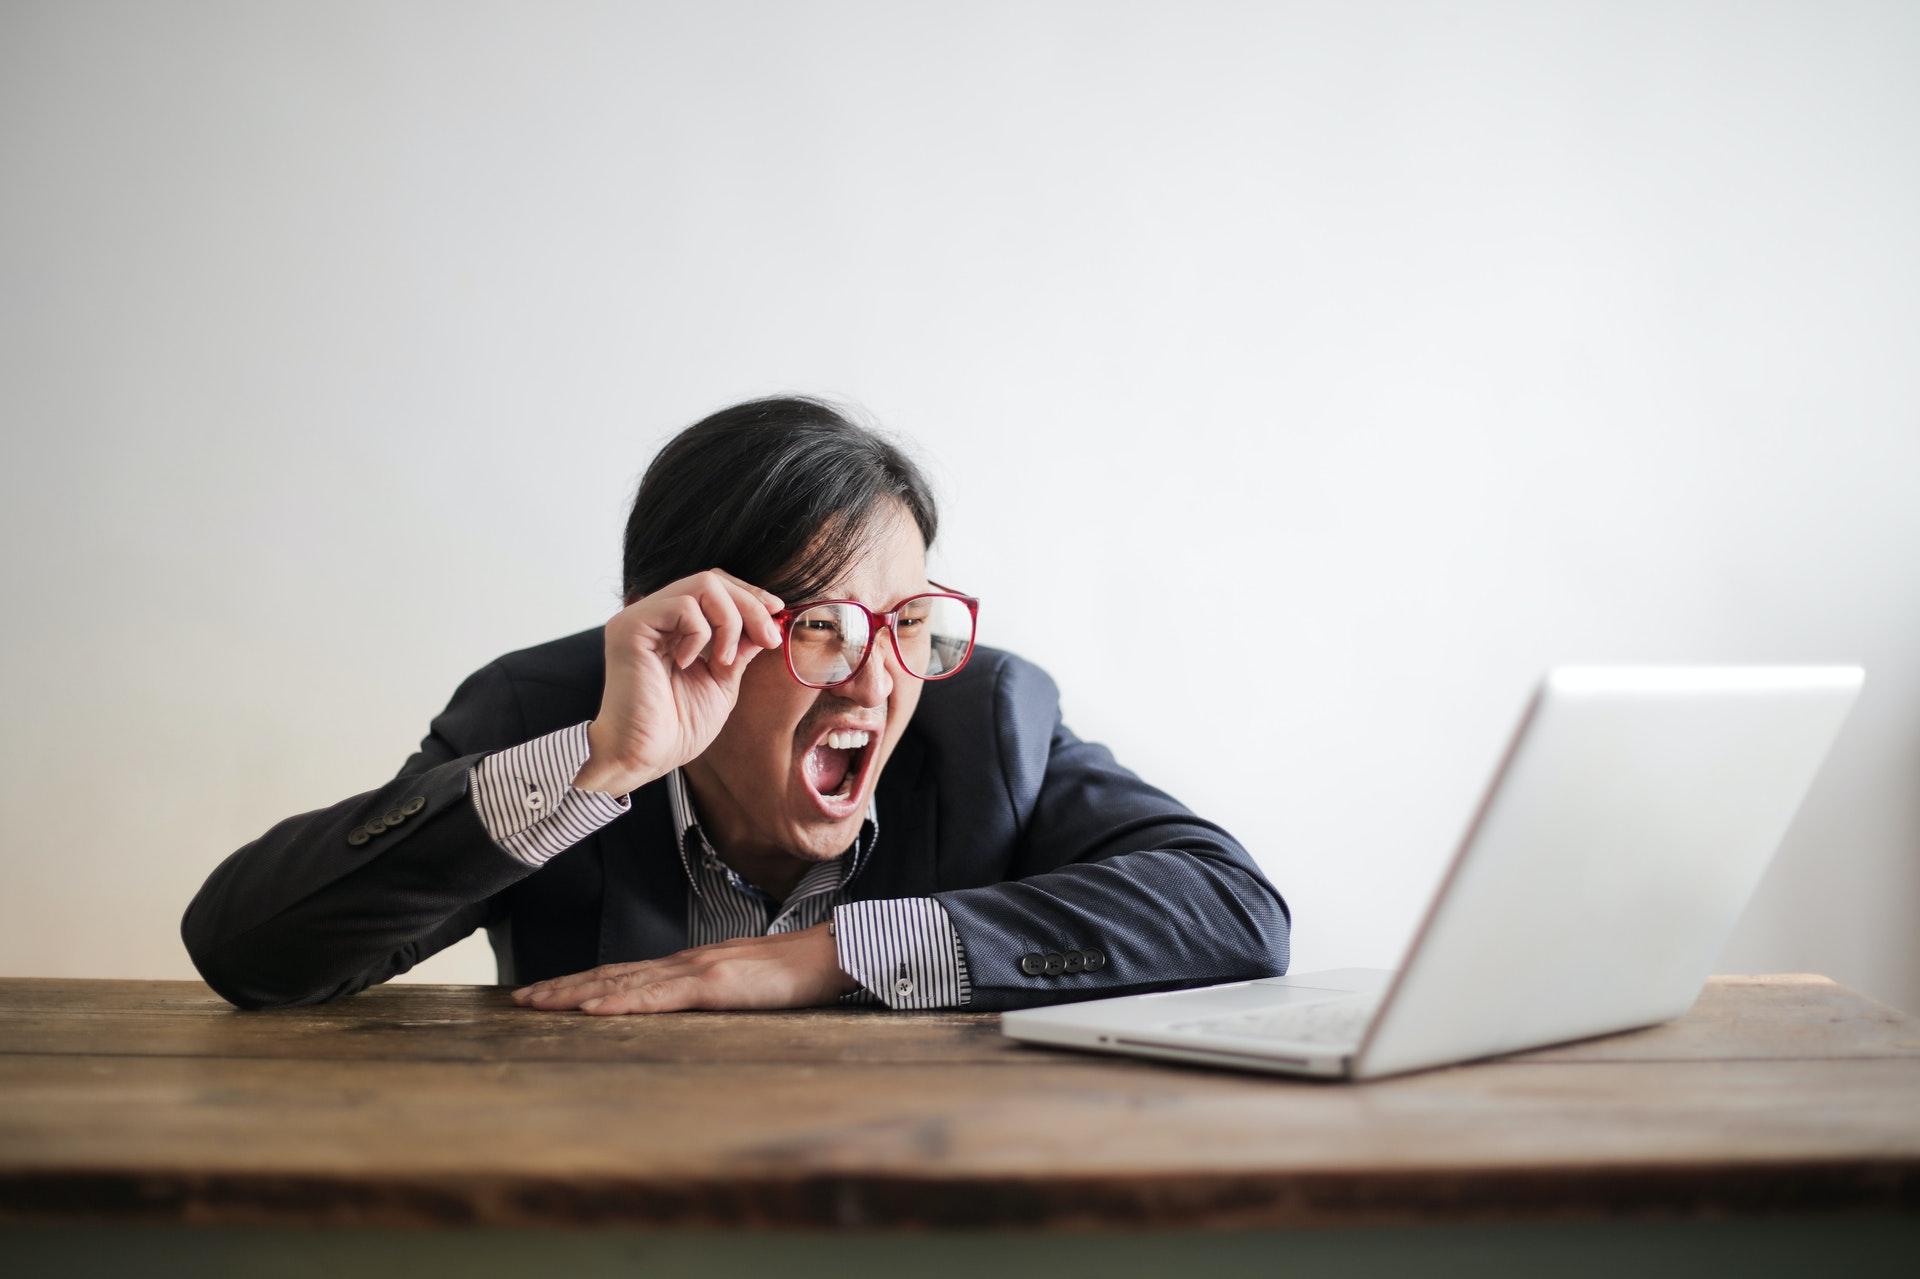 Falha de segurança no Windows pode trazer muita dor de cabeça.